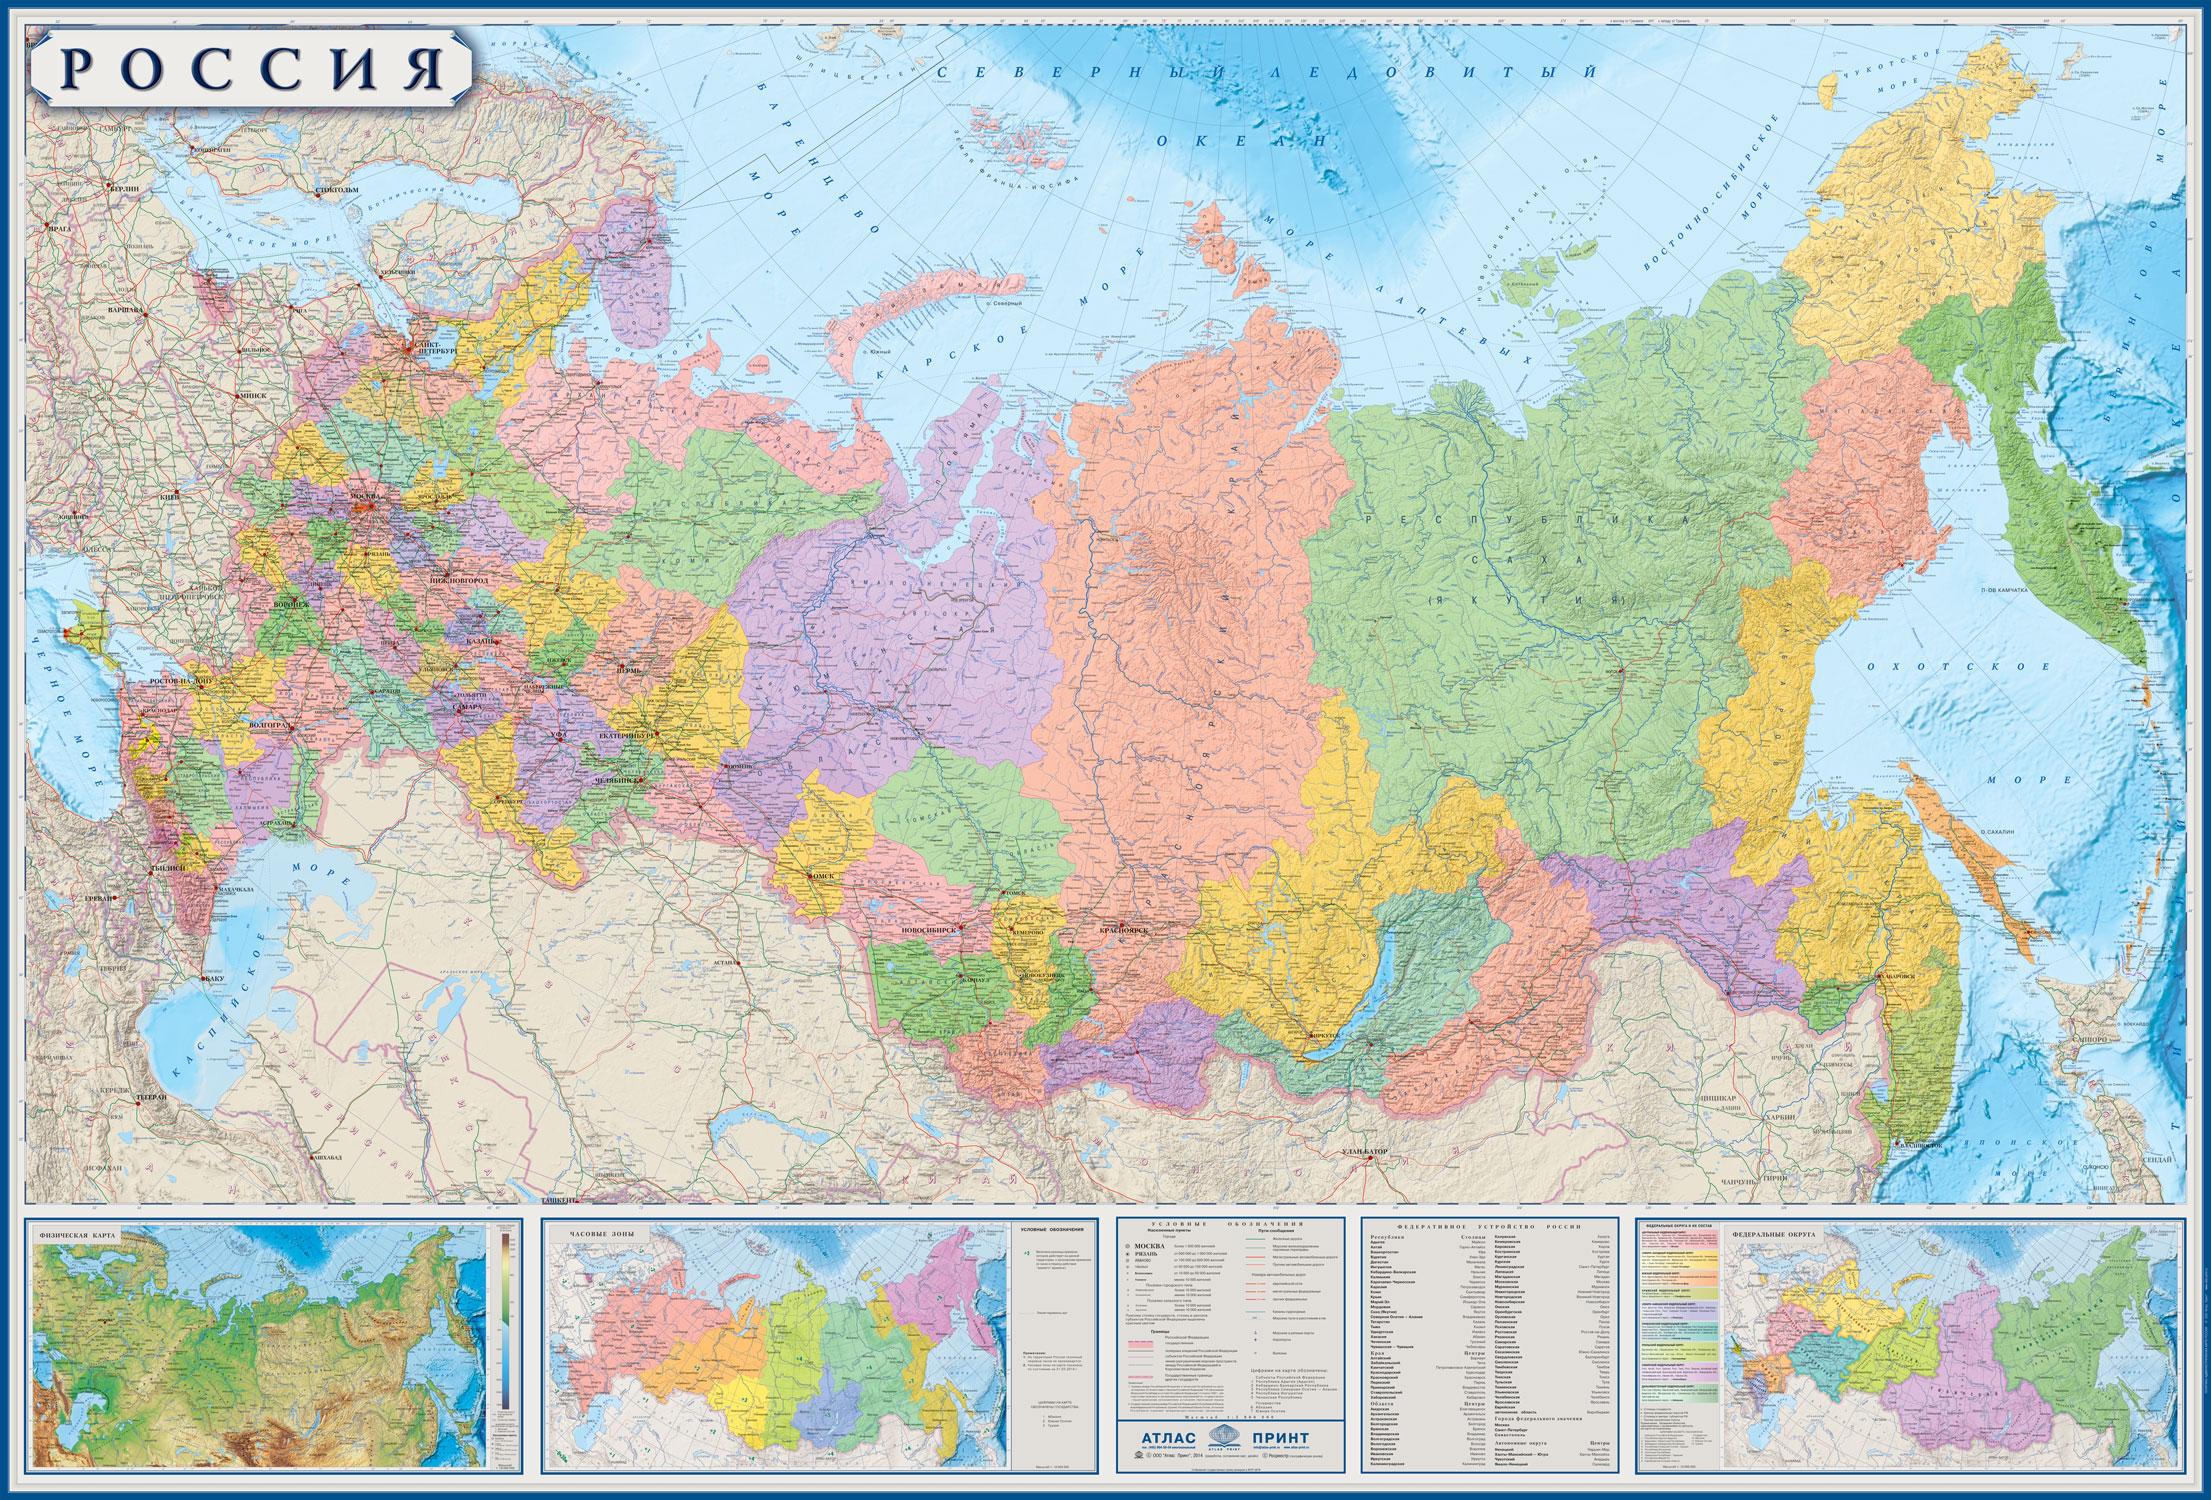 Большая настенная карта России (политико-административная)